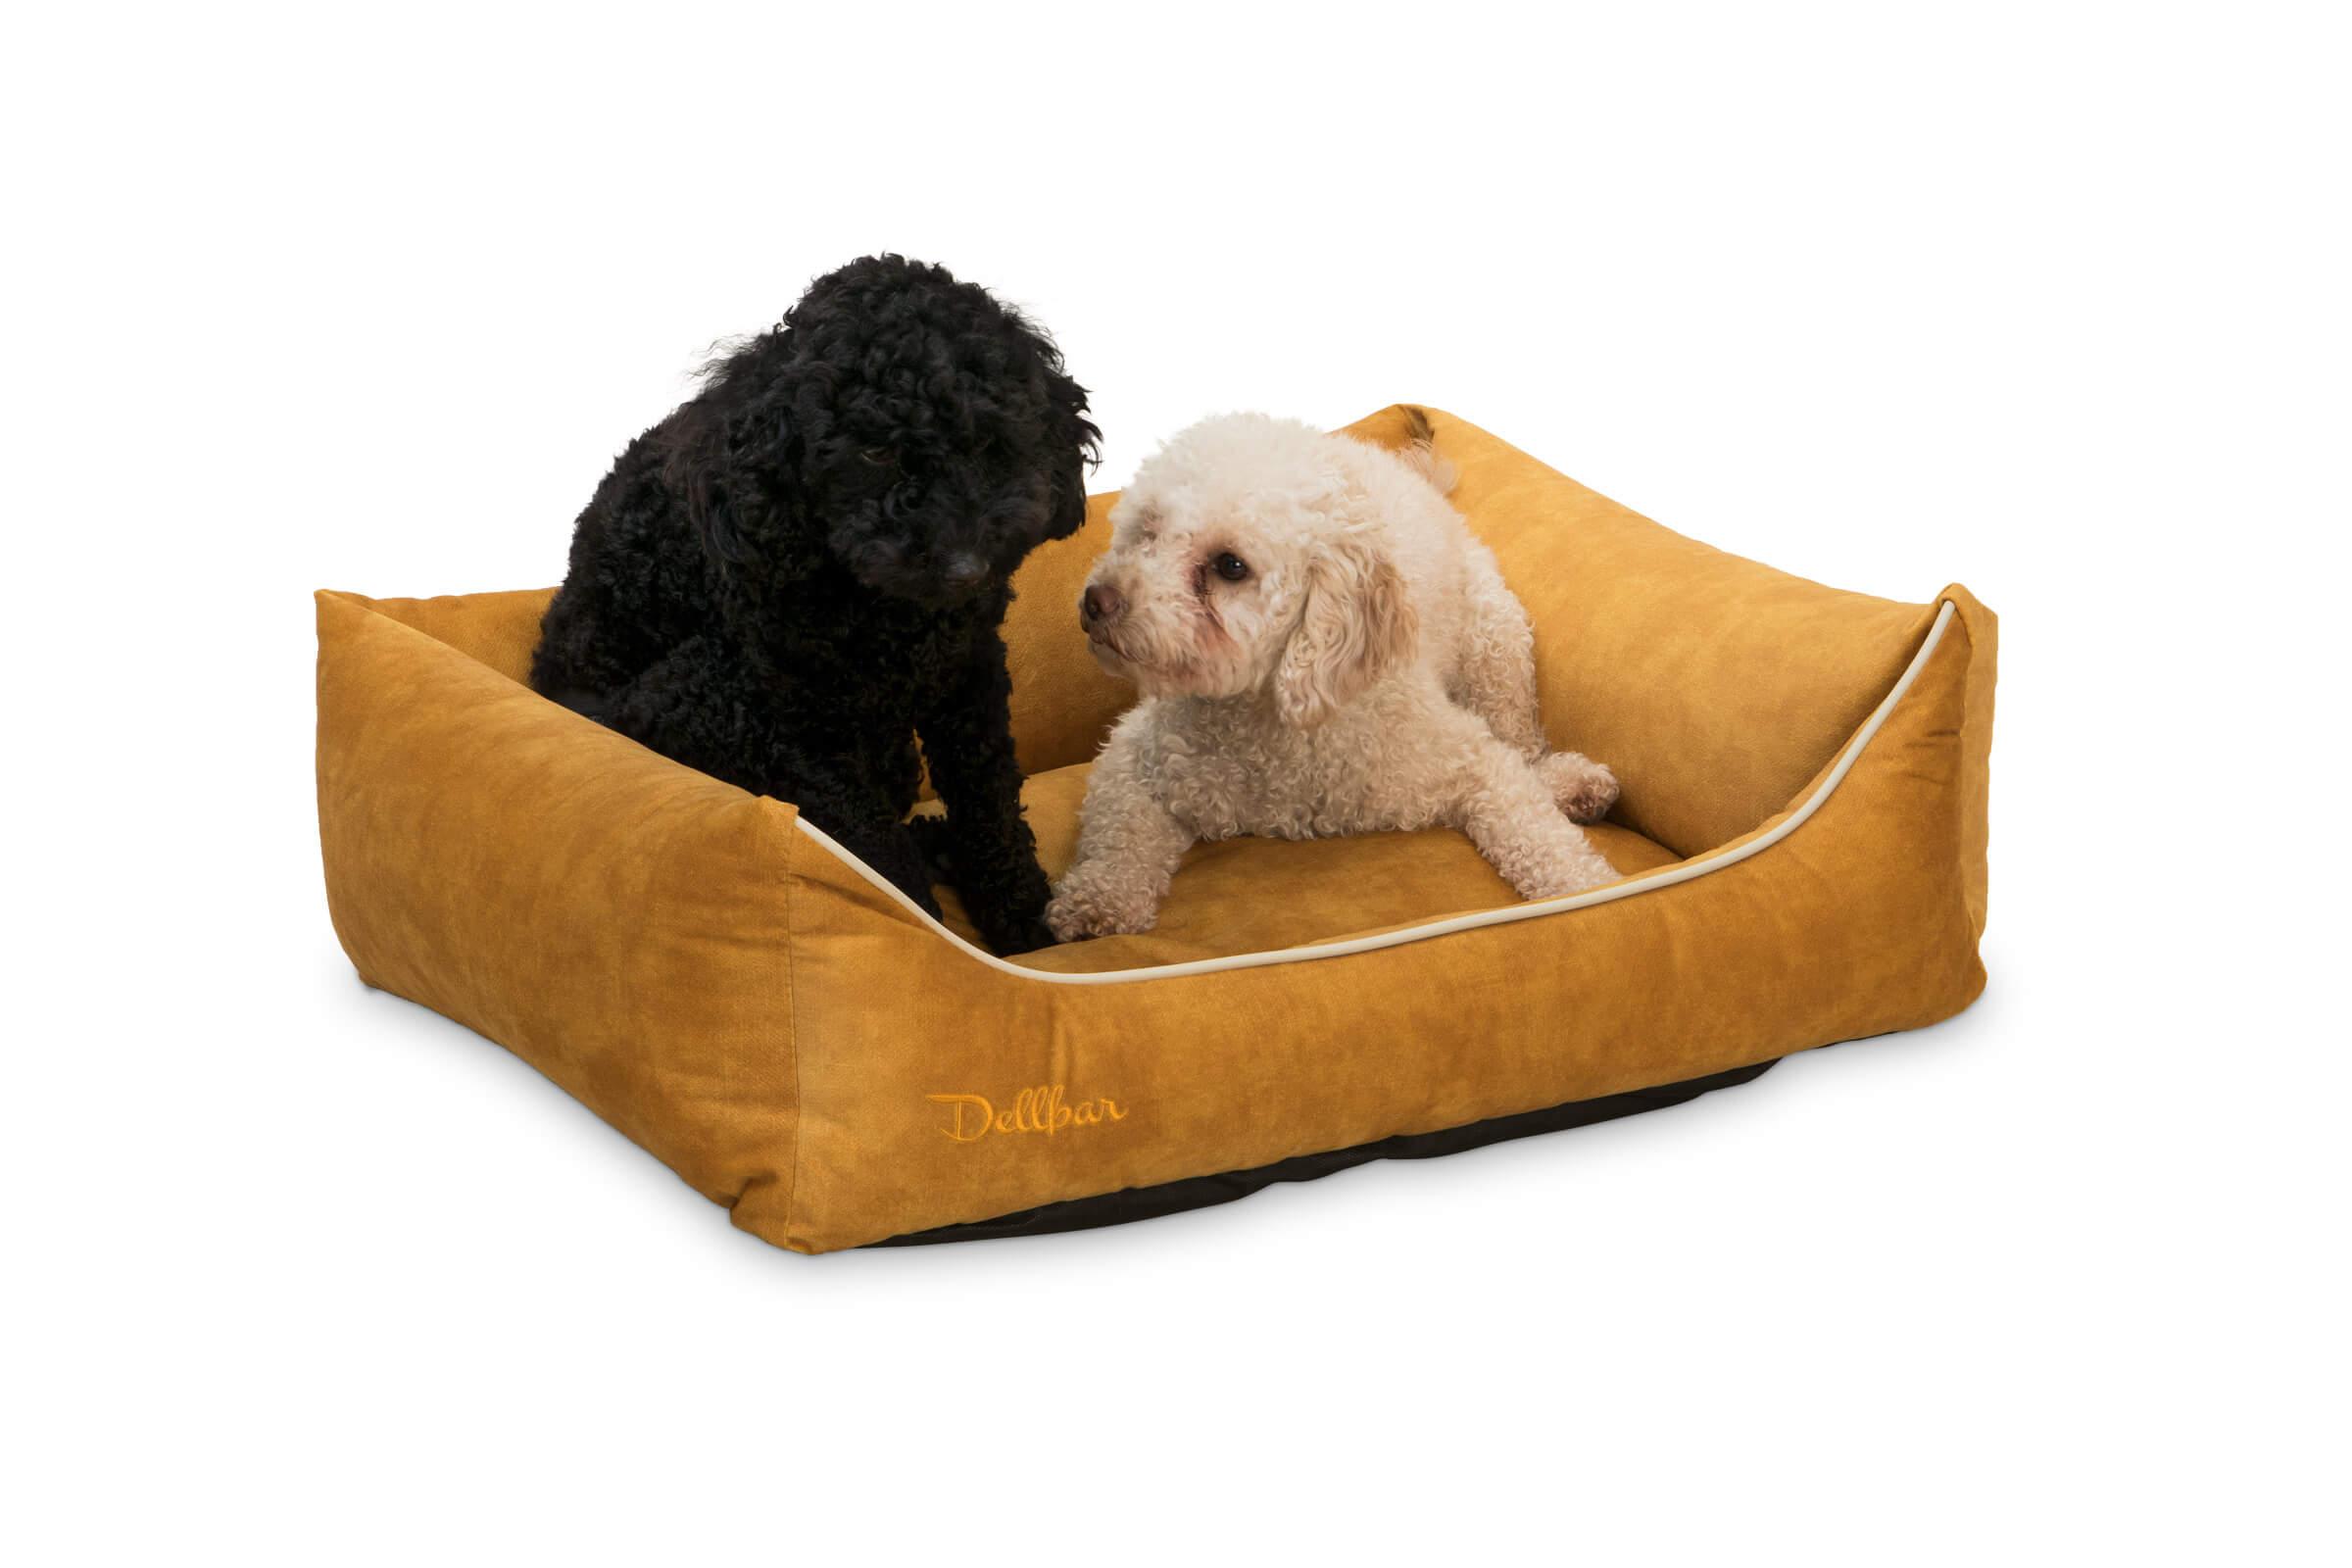 dellbar-dogbed-gelb